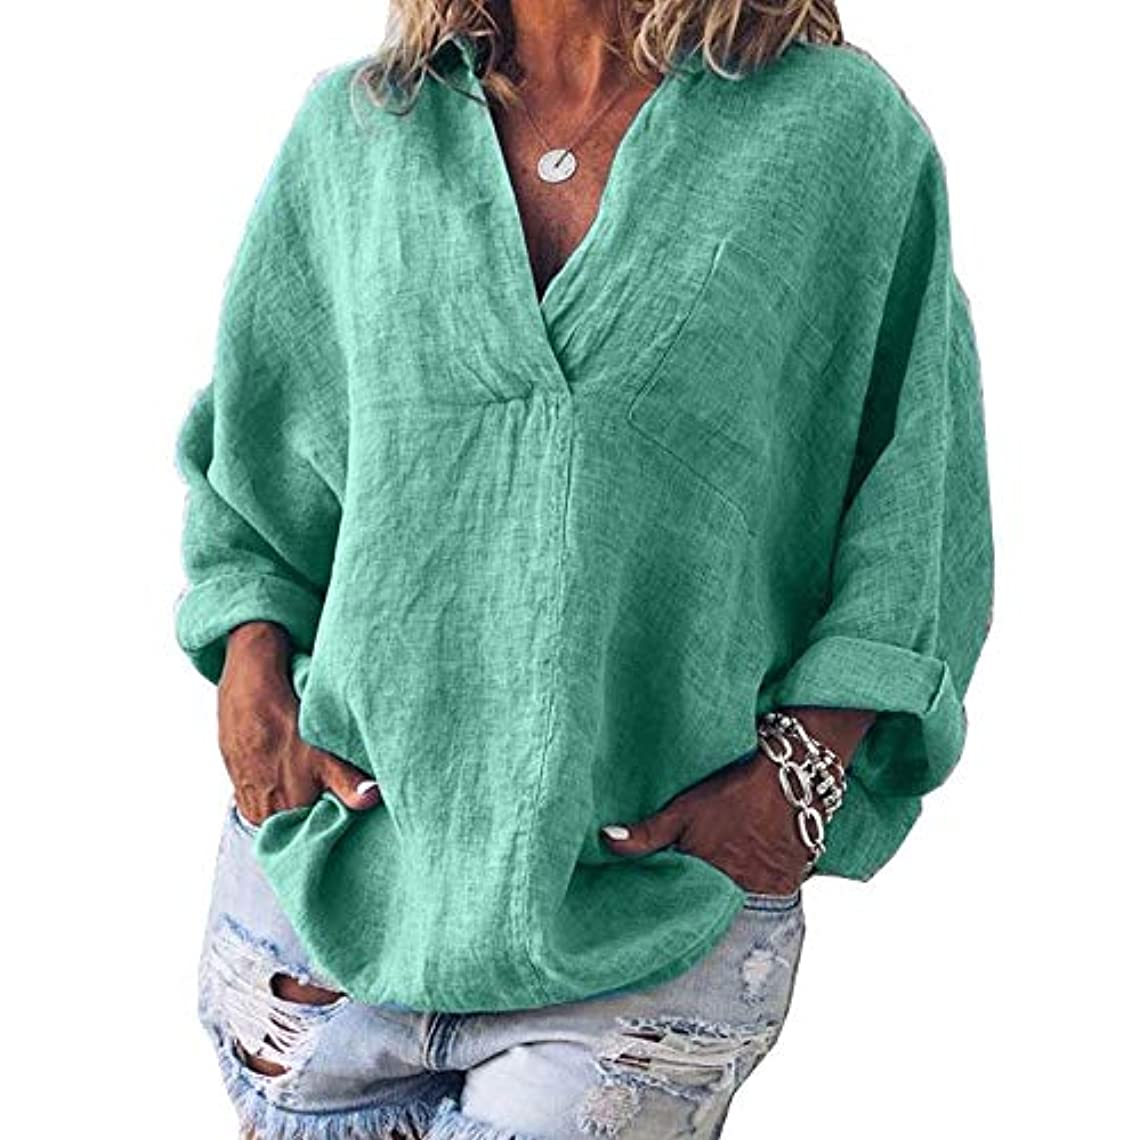 運搬不幸手錠MIFAN女性ファッション春夏チュニックトップス深いVネックTシャツ長袖プルオーバールーズリネンブラウス